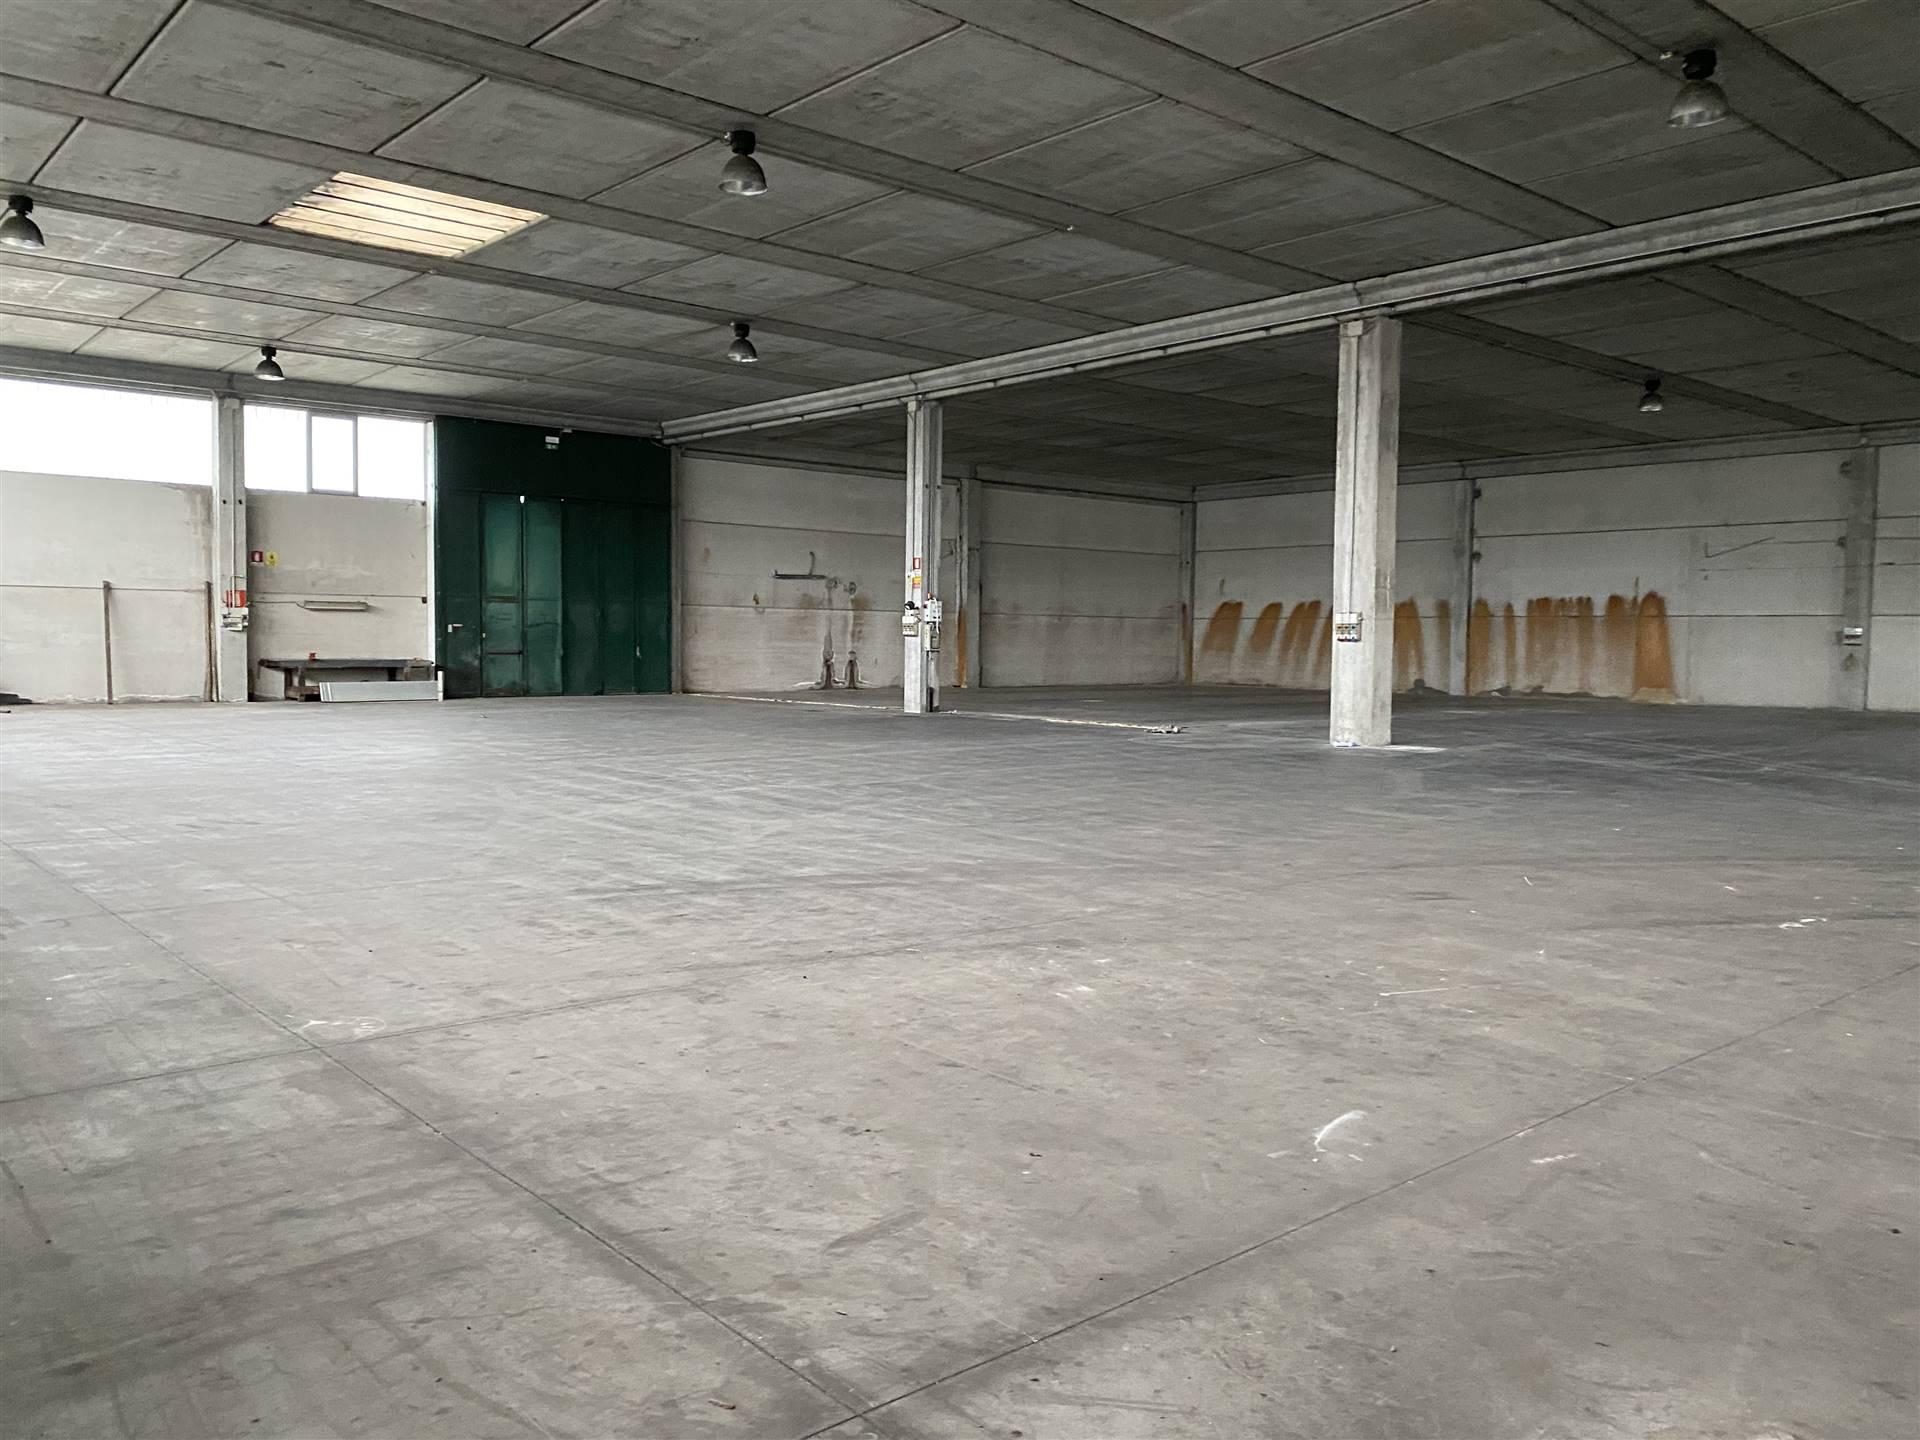 OSPEDALETTO: Capannone direzionale con piazzale di 1000mq su tre lati, tre accessi per scarico merci, composto da magazzino di 2000mq con altezza 6,